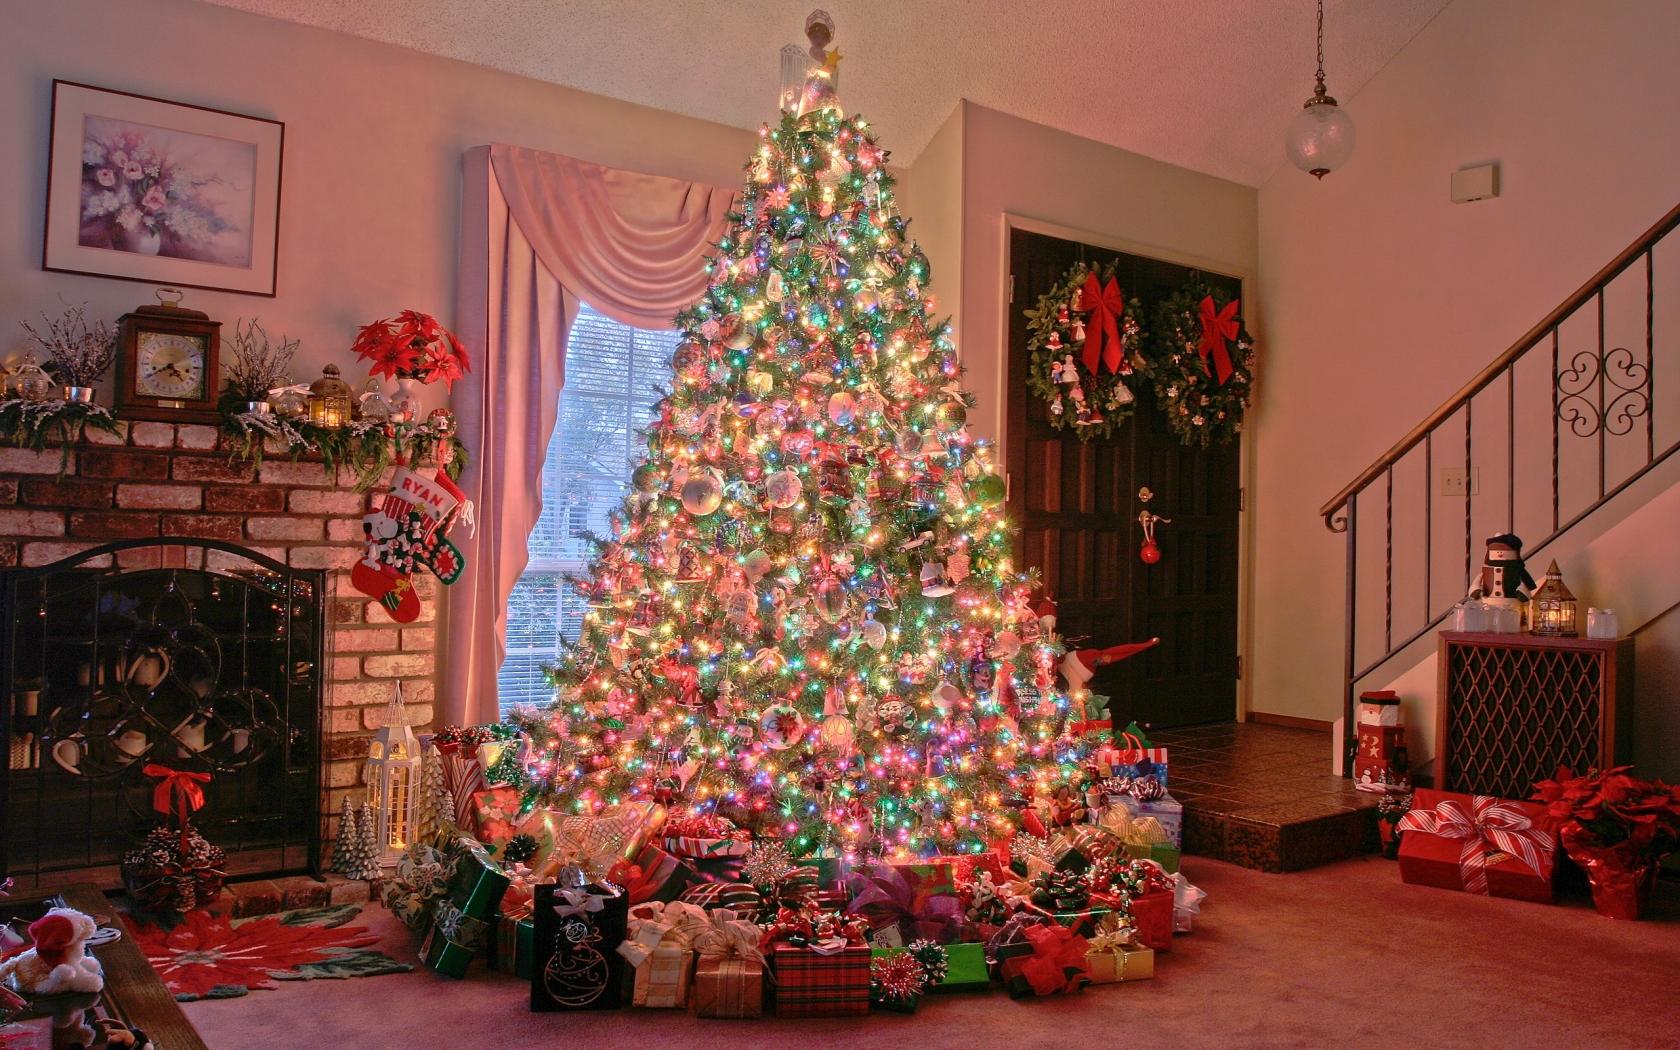 Arbol de navidad y decenas de regalos - 1680x1050